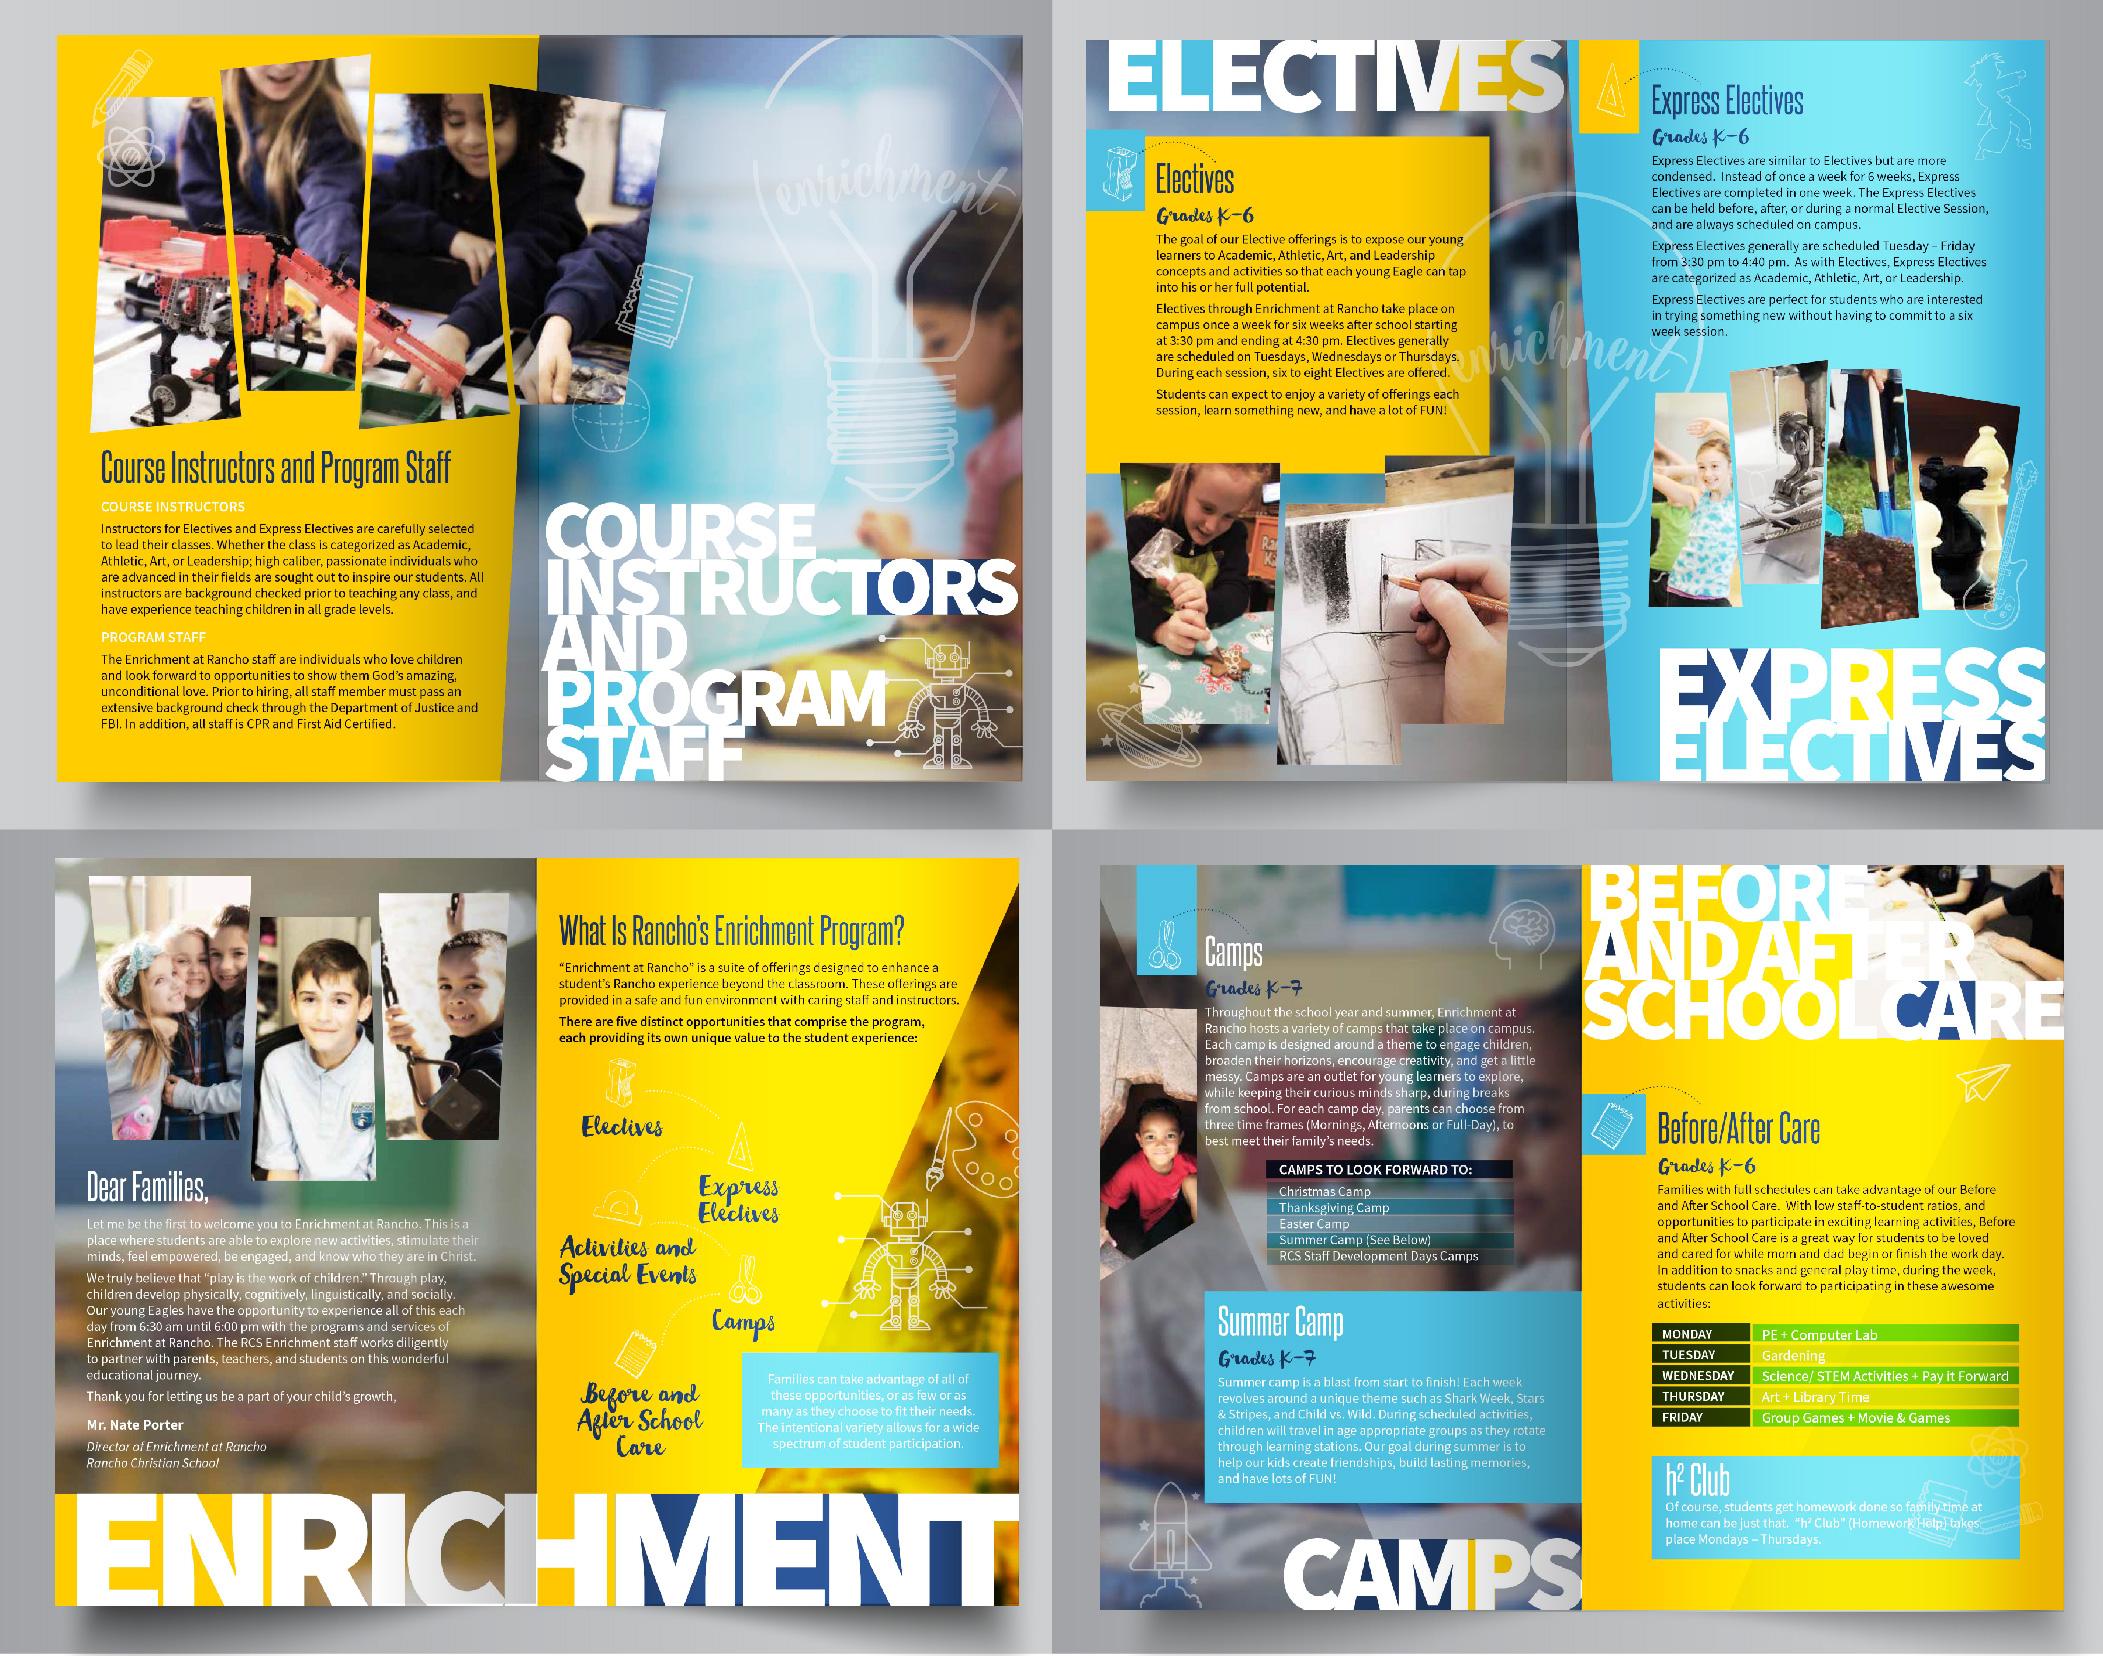 Rancho enrichment brochure 4spread-01